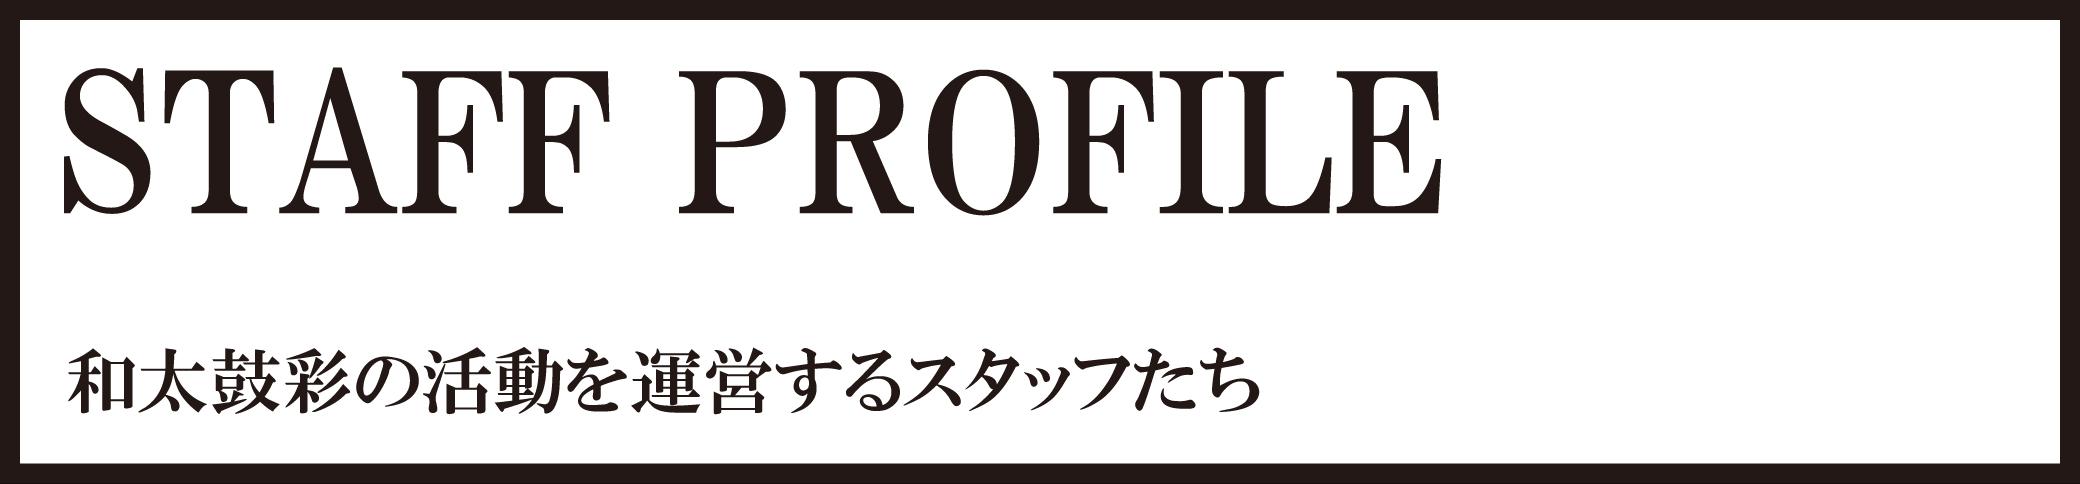 bar2-membertop